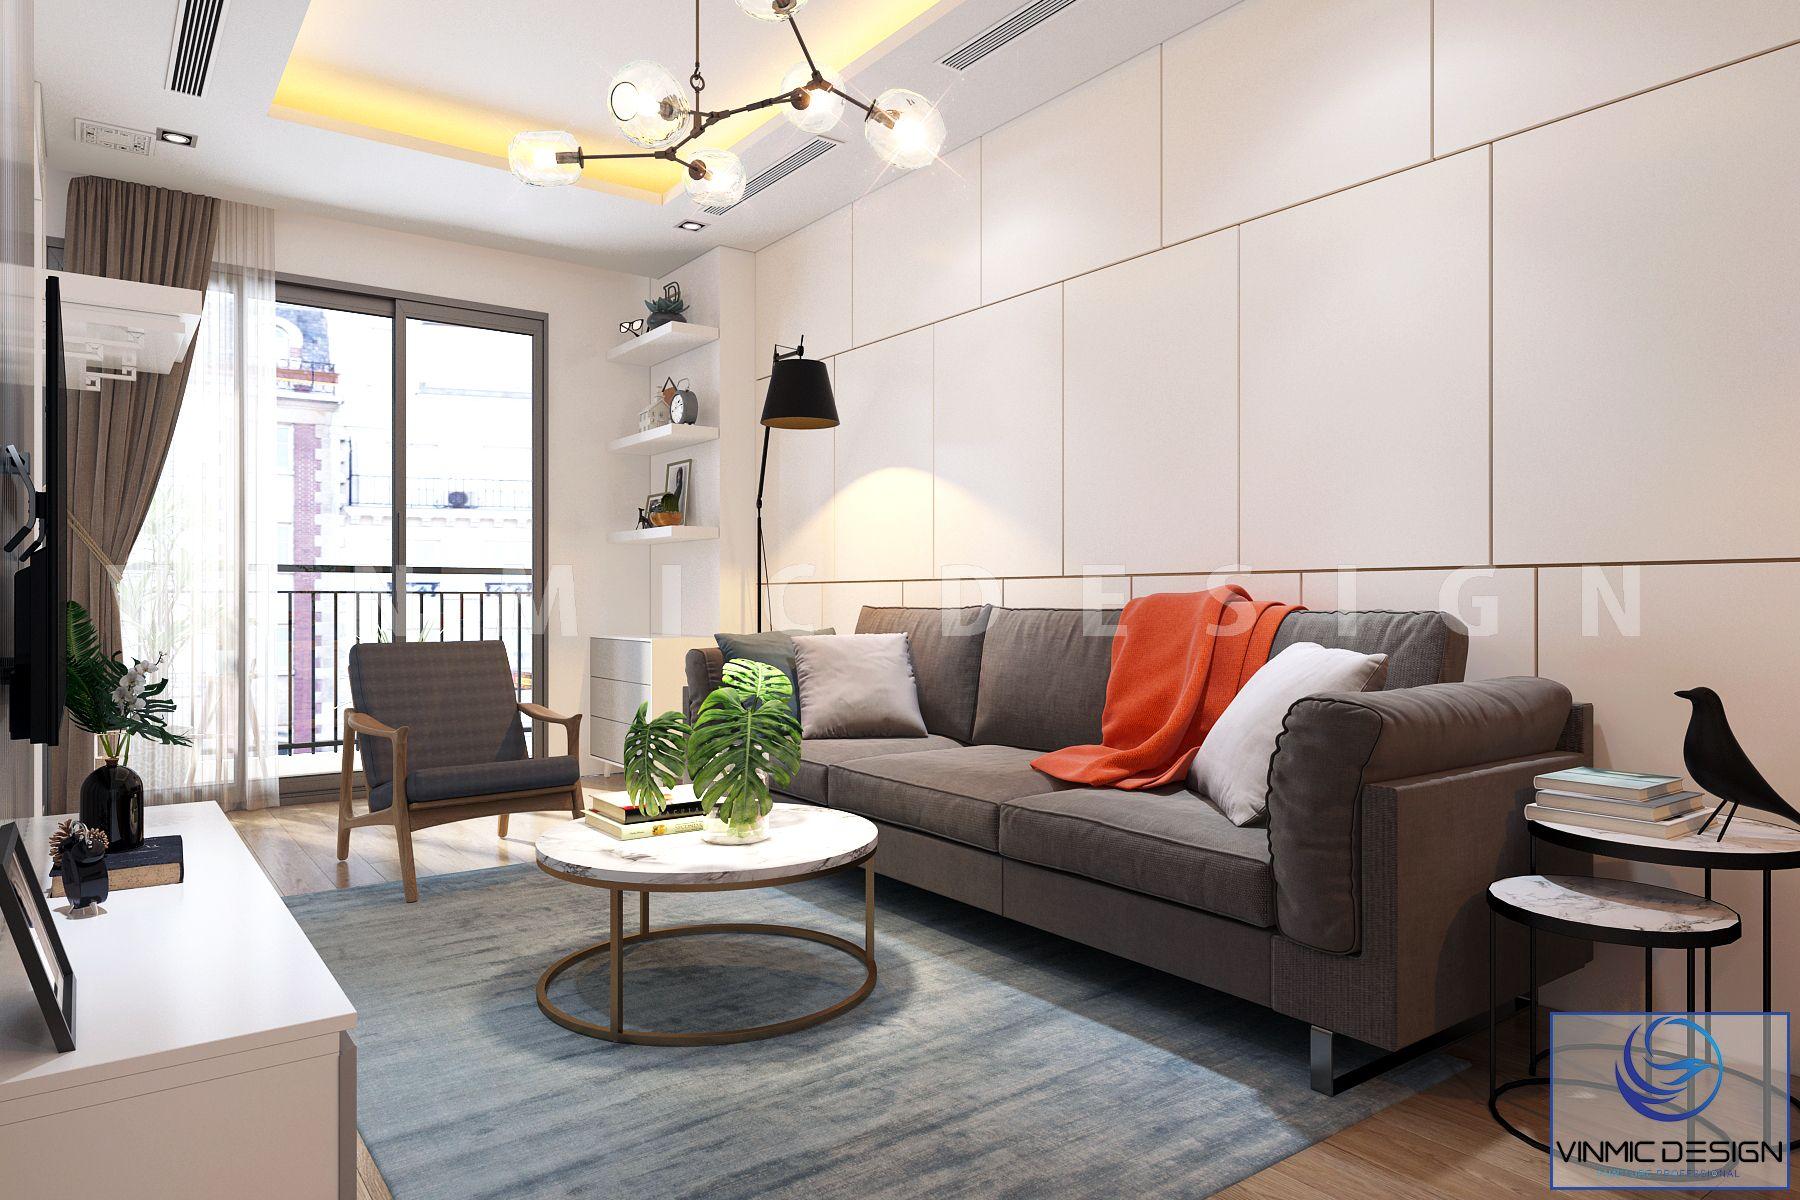 Phòng khách nhỏ, nổi bật bộ sofa bằng nỉ